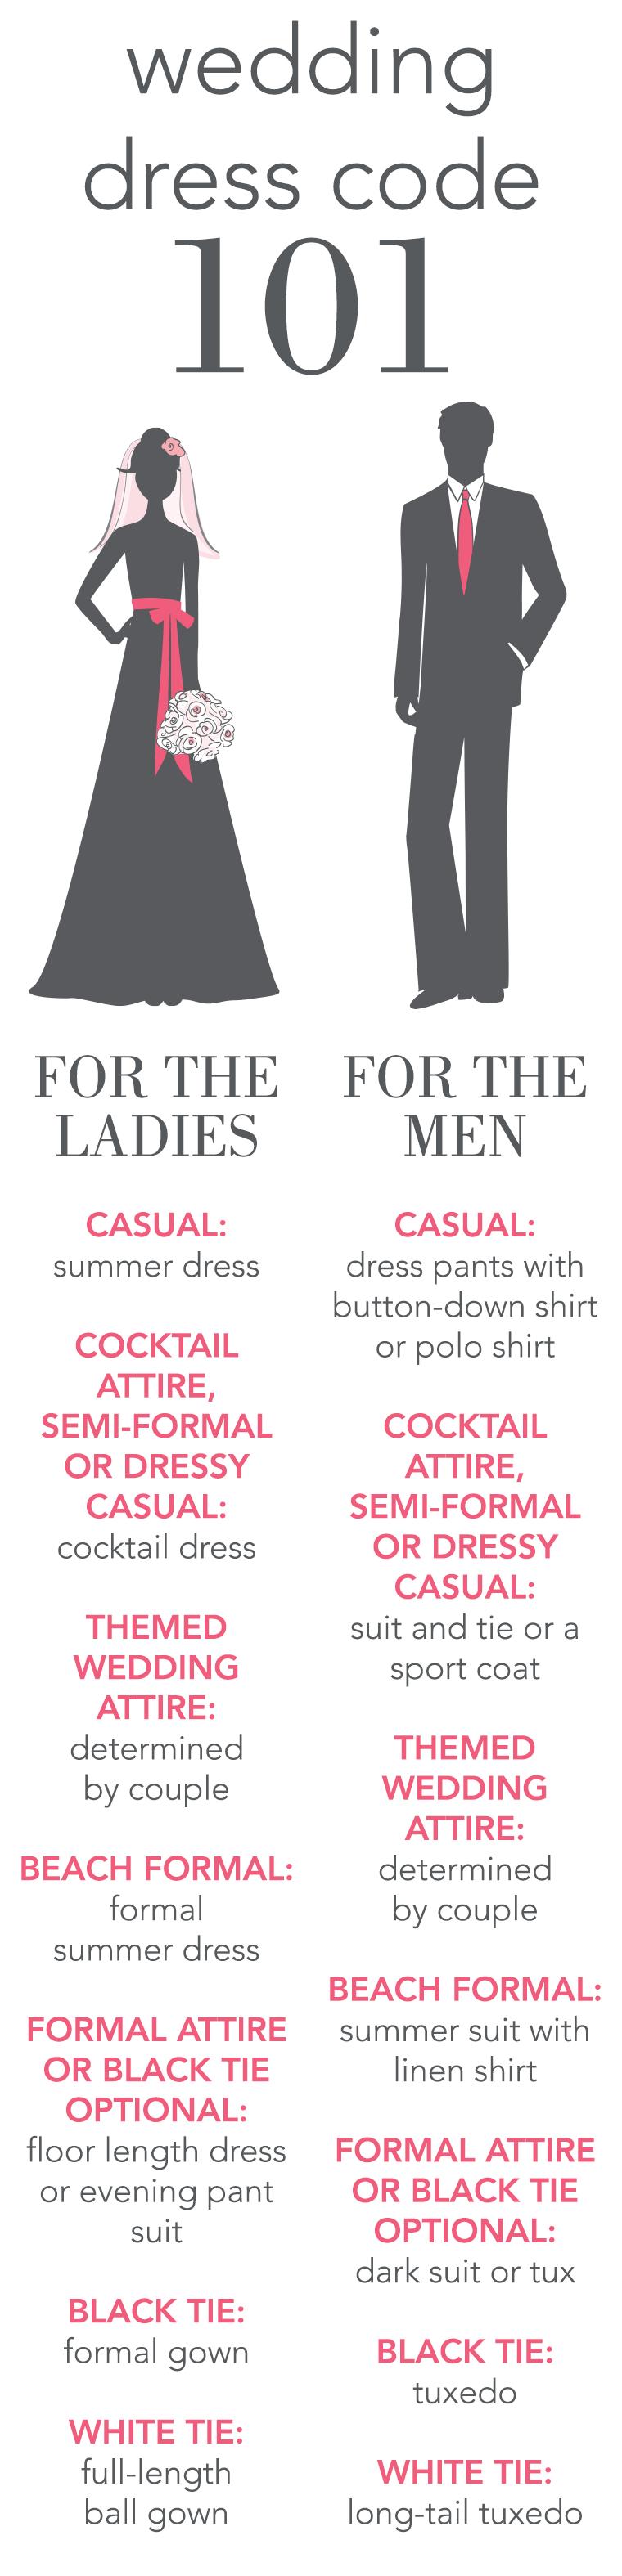 Wedding Dress Code 101 Dress Code Wedding Mens Beach Wedding Attire Dress Codes [ 3150 x 760 Pixel ]